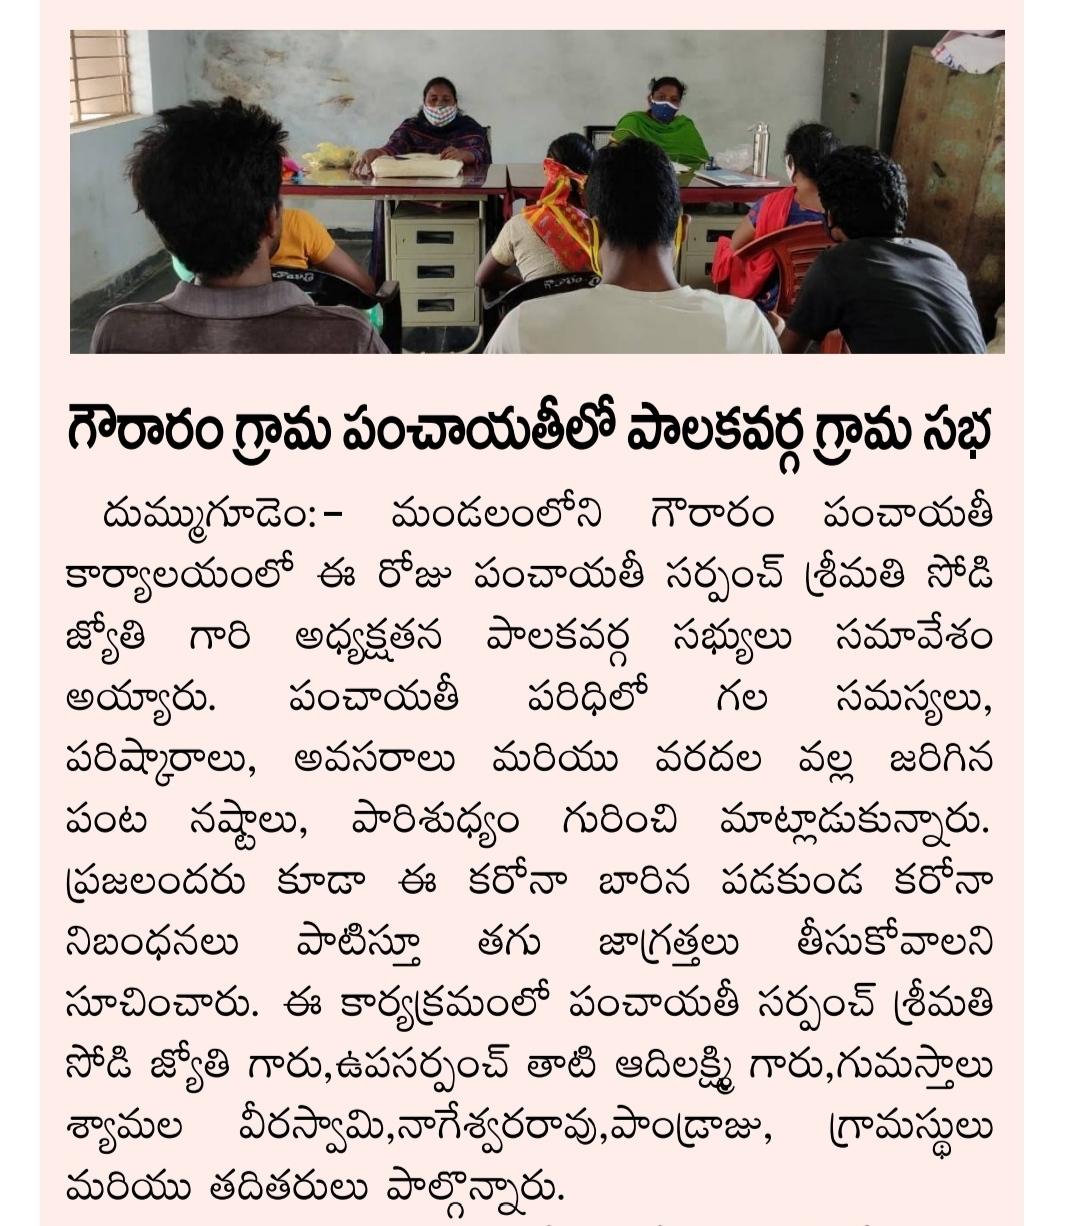 Sodi Jyothi   Sarpanch   Vice President   TRS   Social Activist   Gowravaram   Dummugudem   Bhadradri Kothagudem   Bhadrachalam   Telangana   theLeadersPage